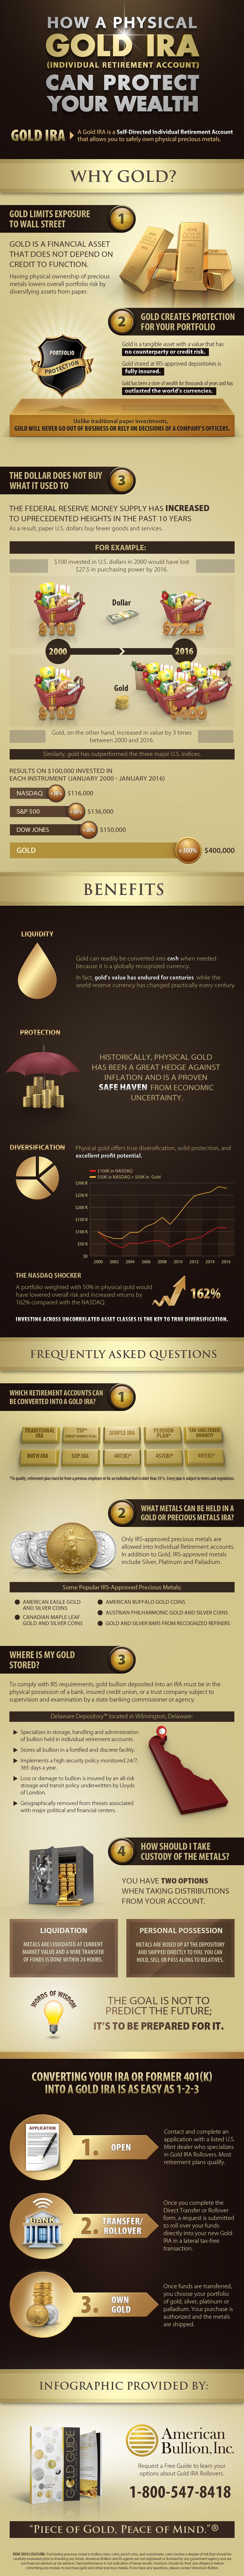 Gold_IRA_infographic_2016